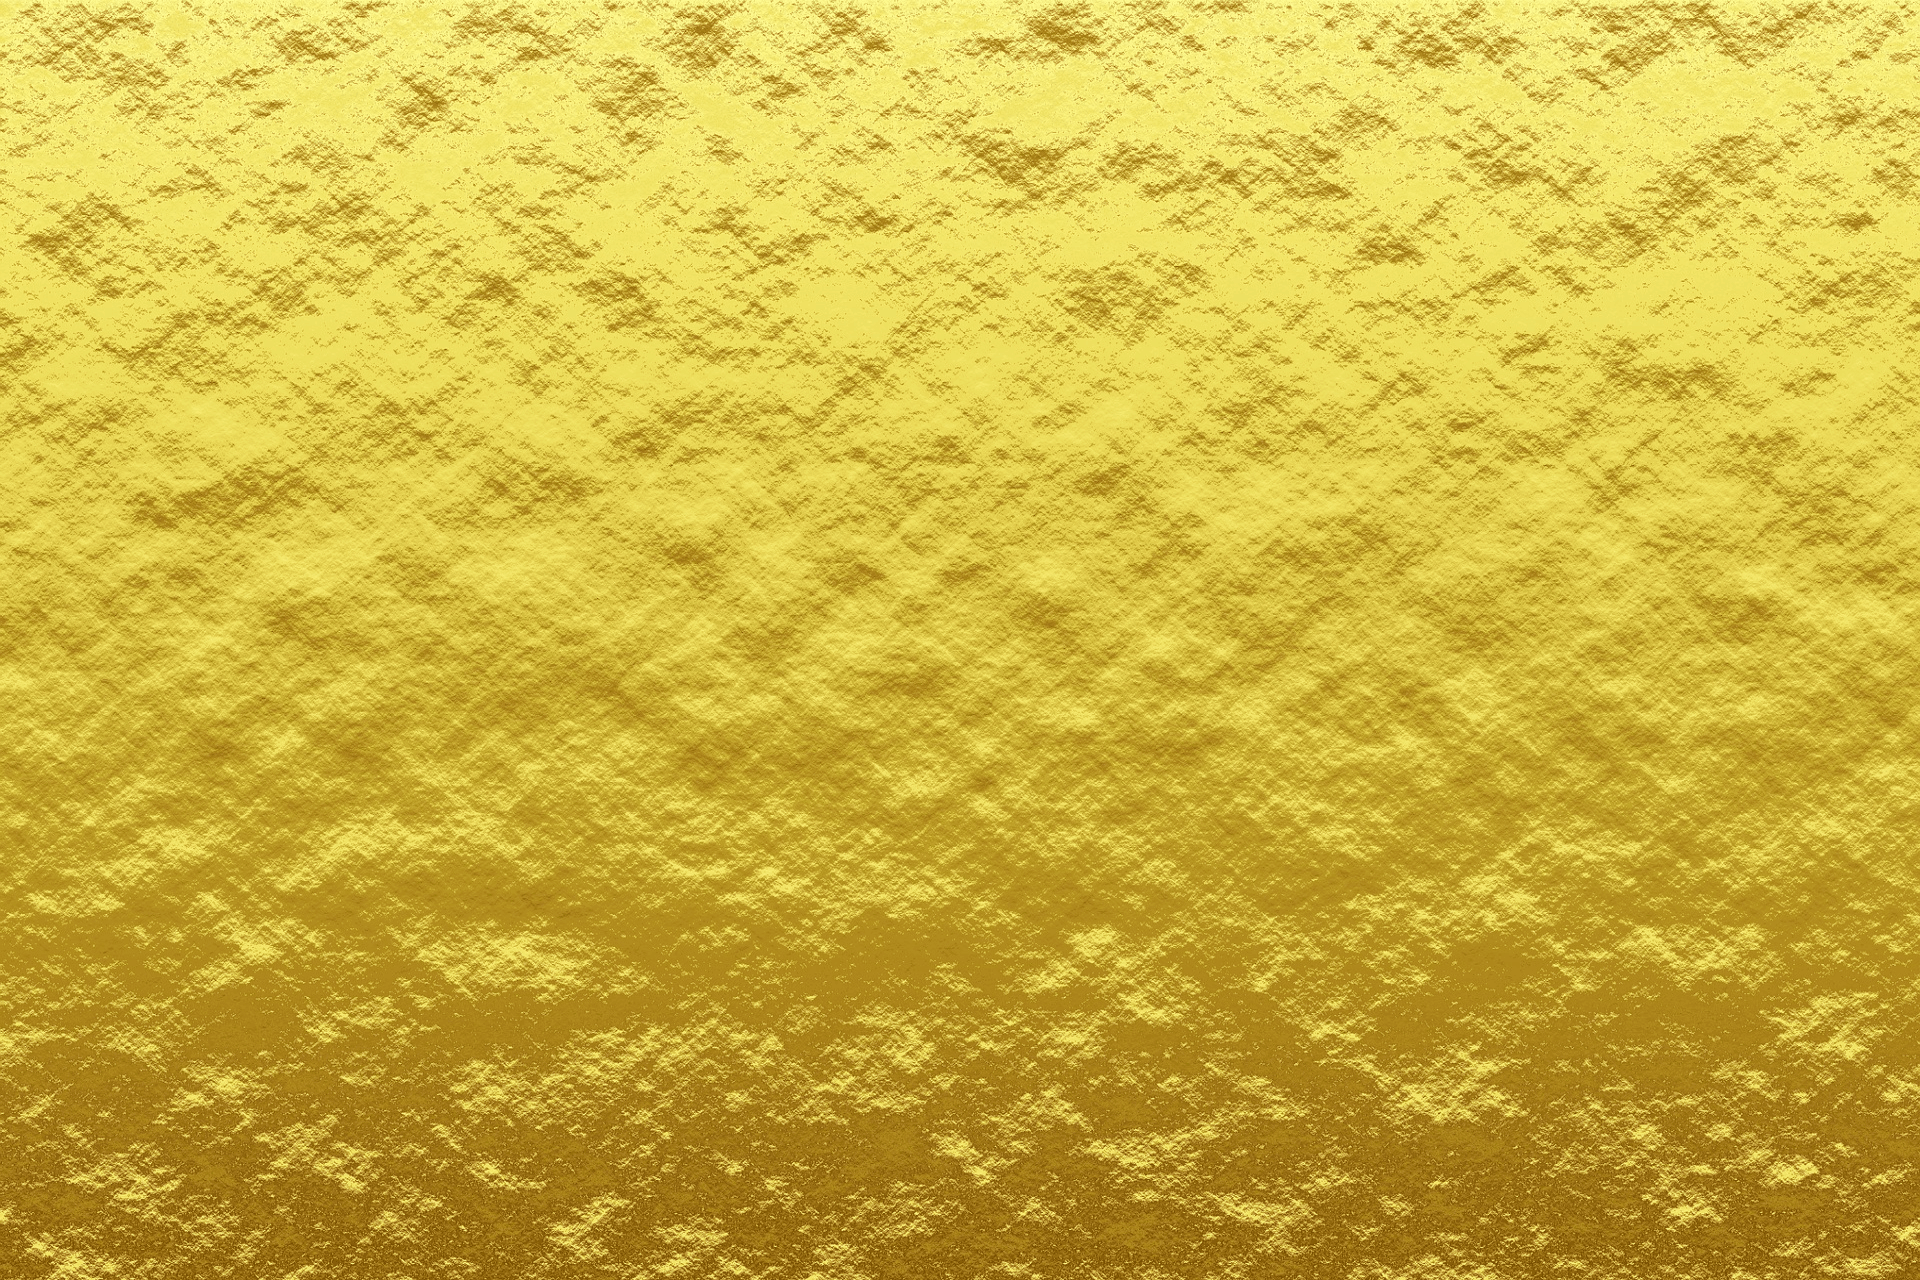 texture 1647380 1920